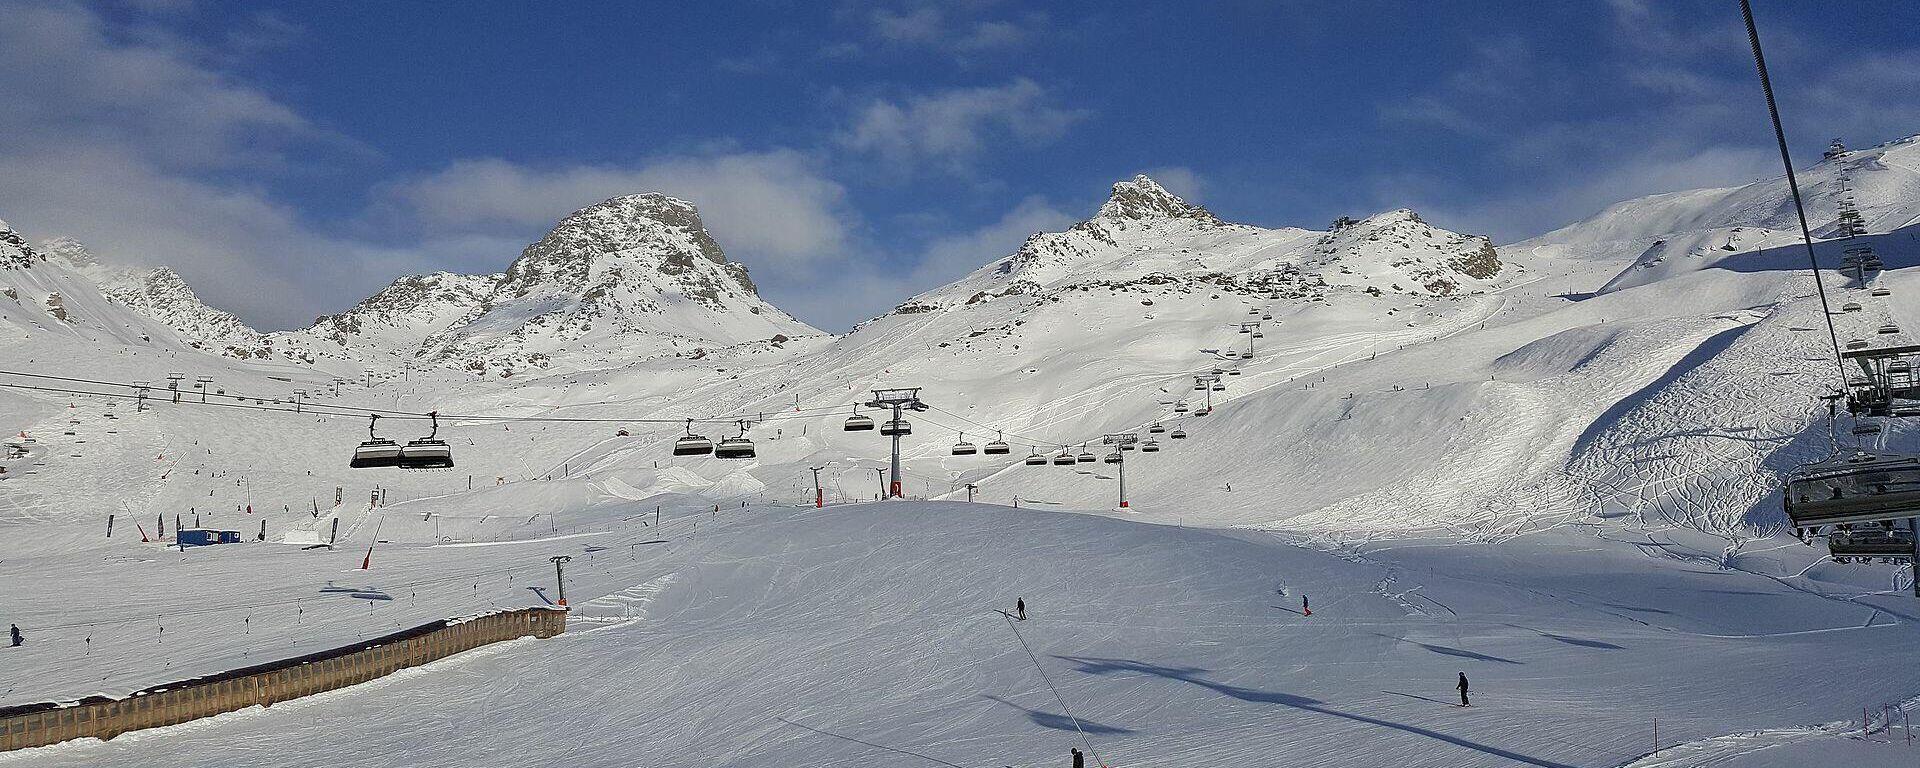 """Skigebiet """"Silvretta Arena"""" in Ischgl (2017) - SNA, 1920, 17.09.2021"""